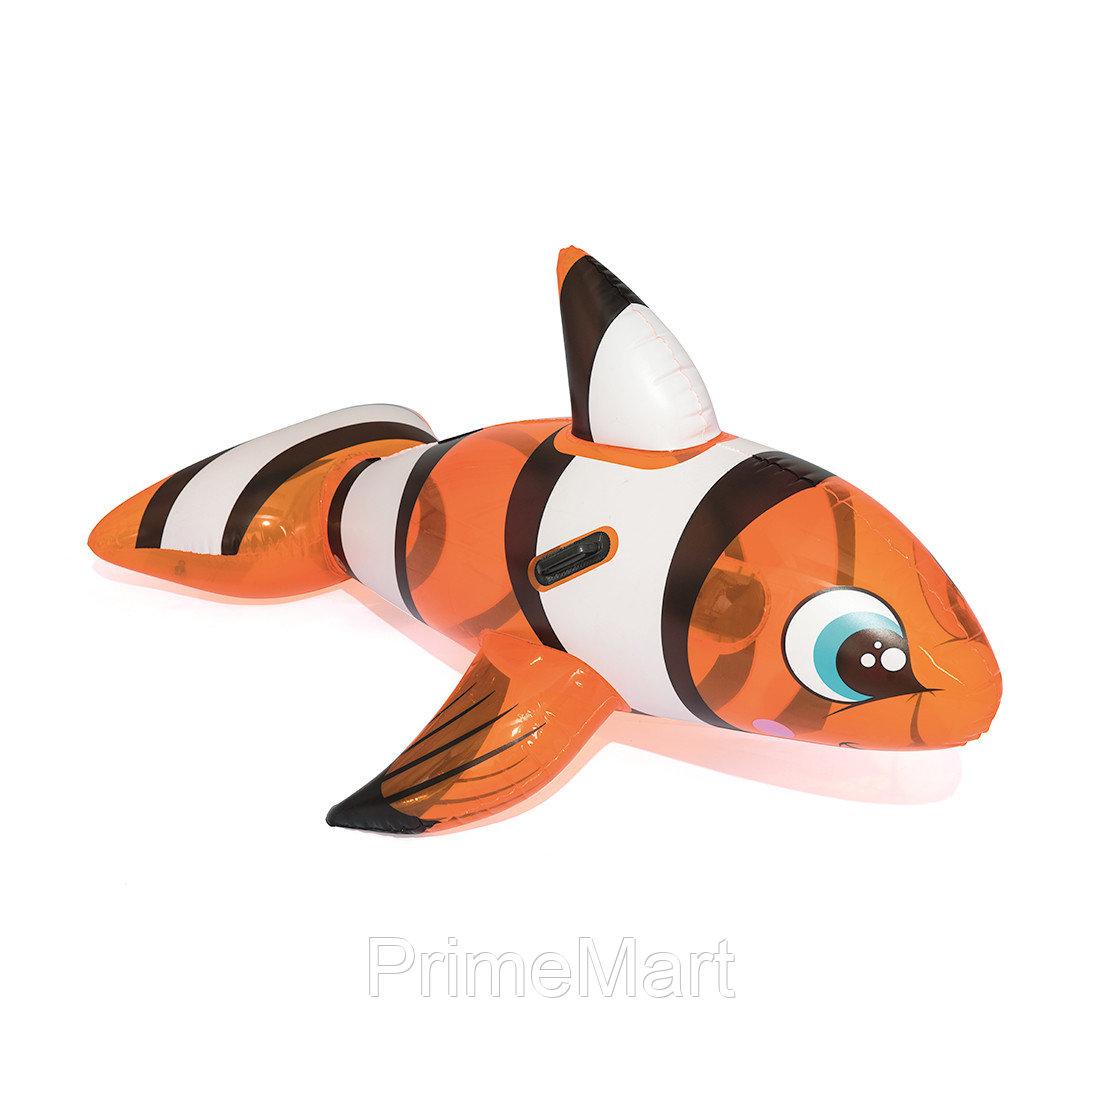 Надувная игрушка для катания верхом Рыба-клоун 157 х 94 см, BESTWAY, 41088, Винил, Оранжевый, Цветная коробка